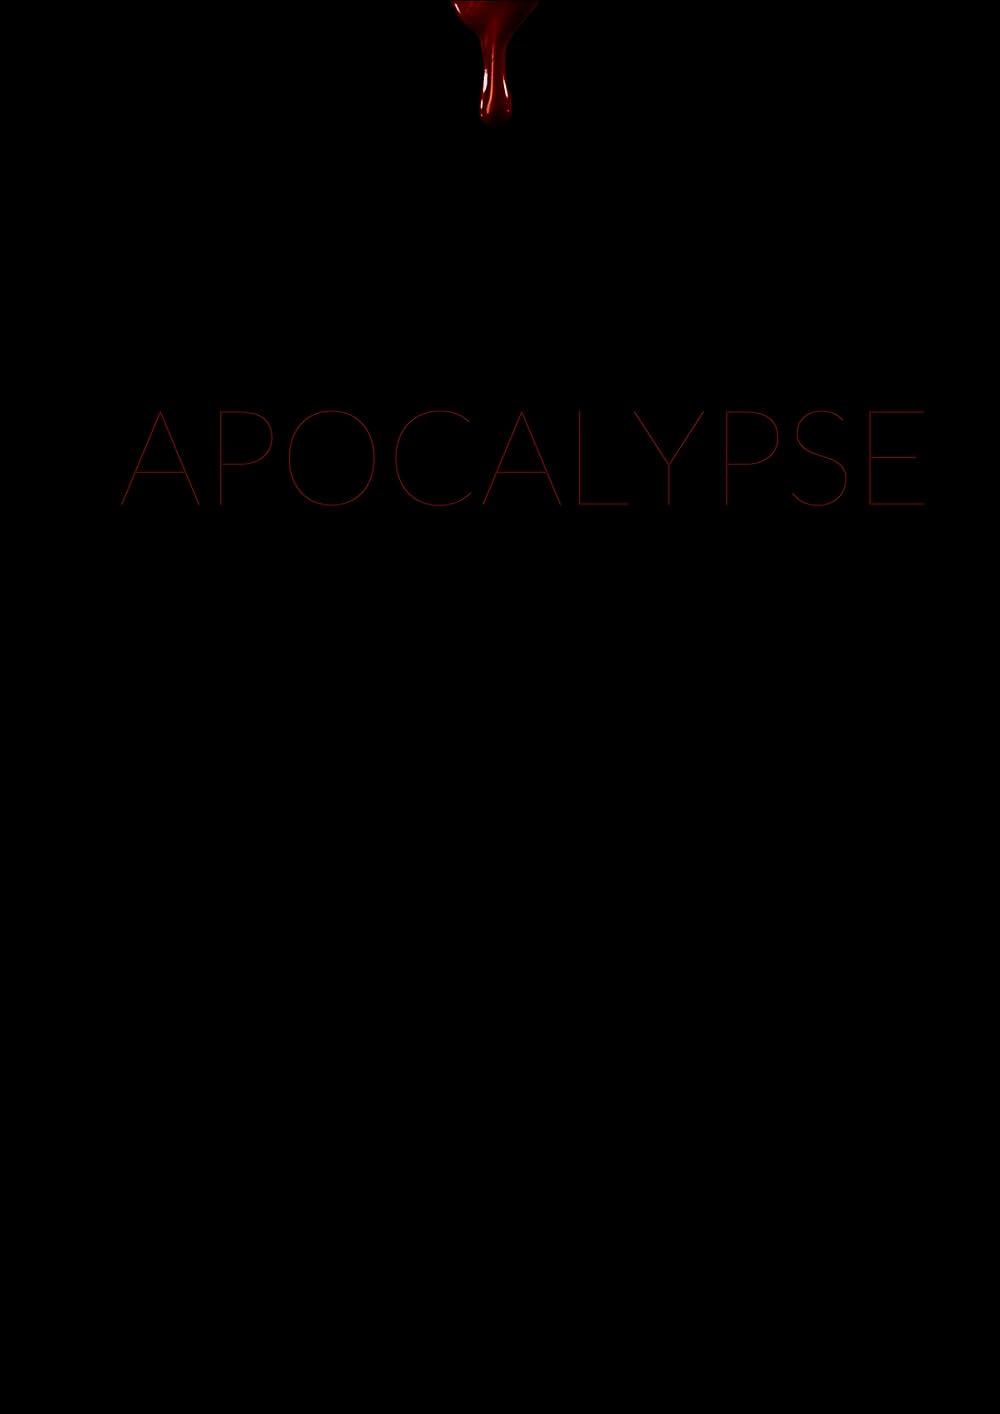 Apocalypse 2016